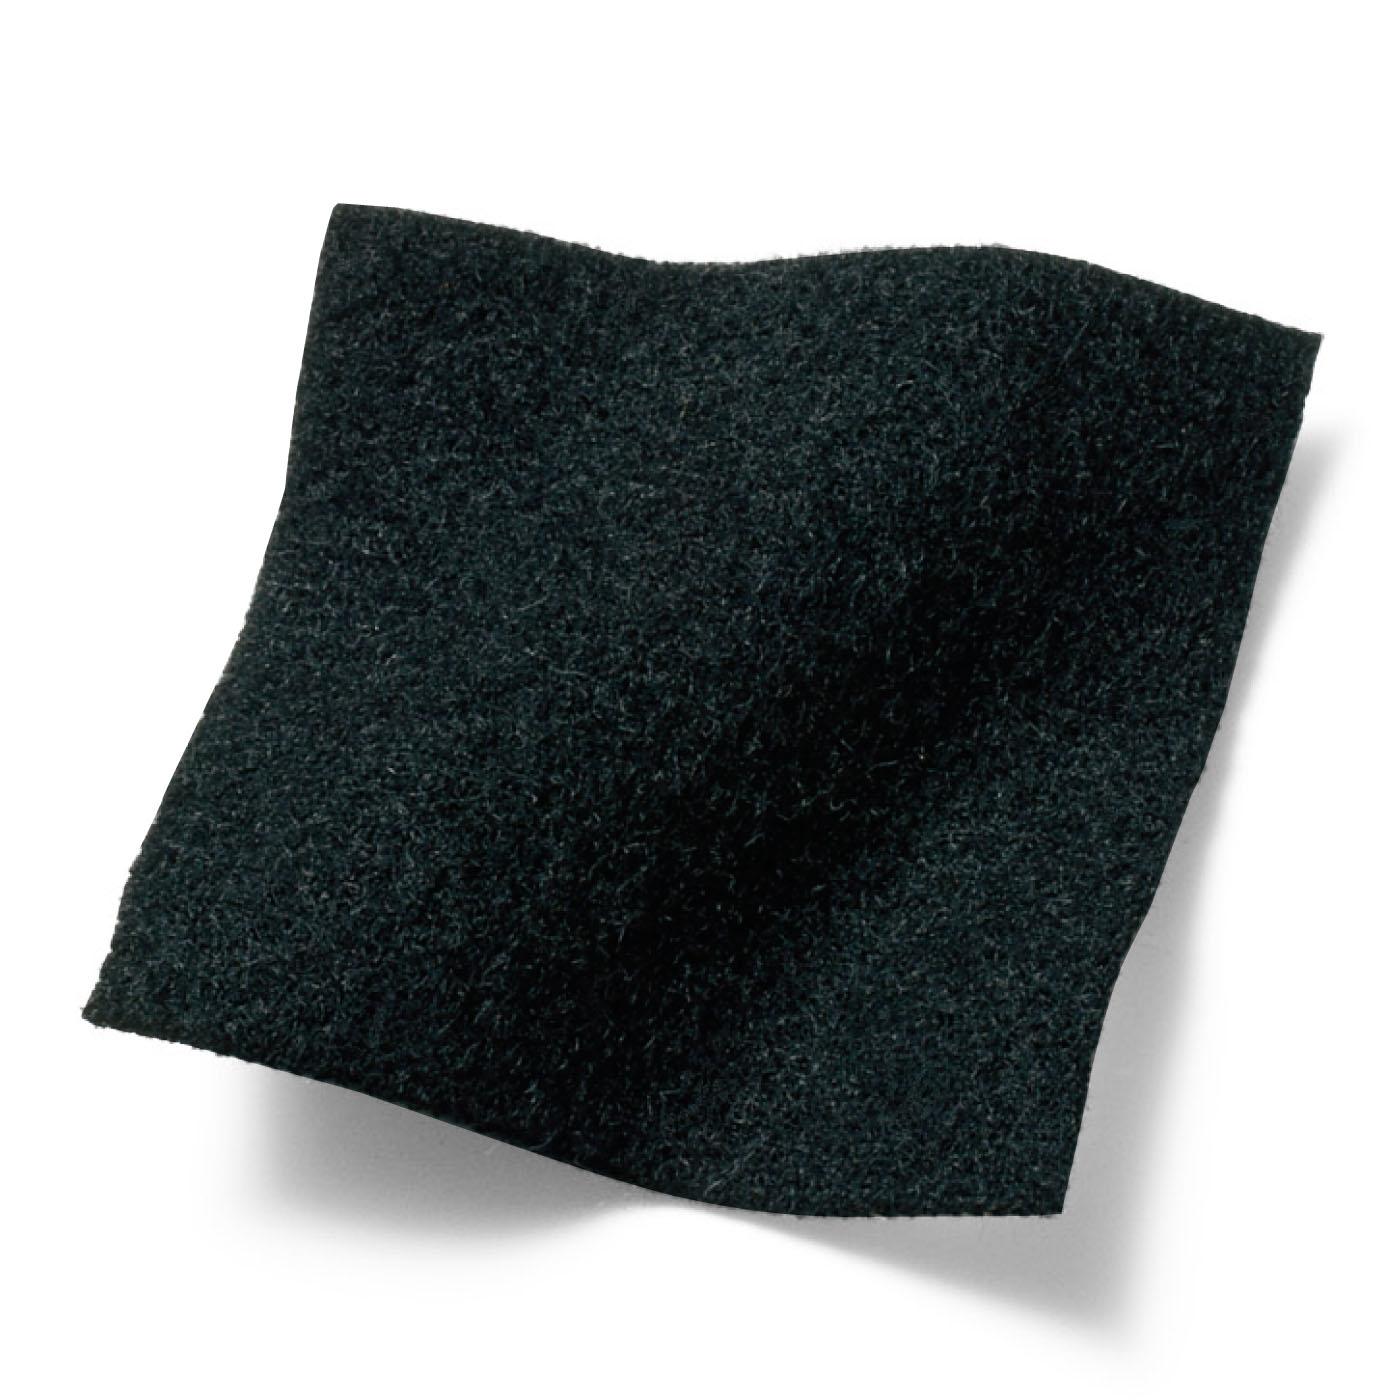 肌寒い日も下半身をあたためるふわふわの裏起毛素材。